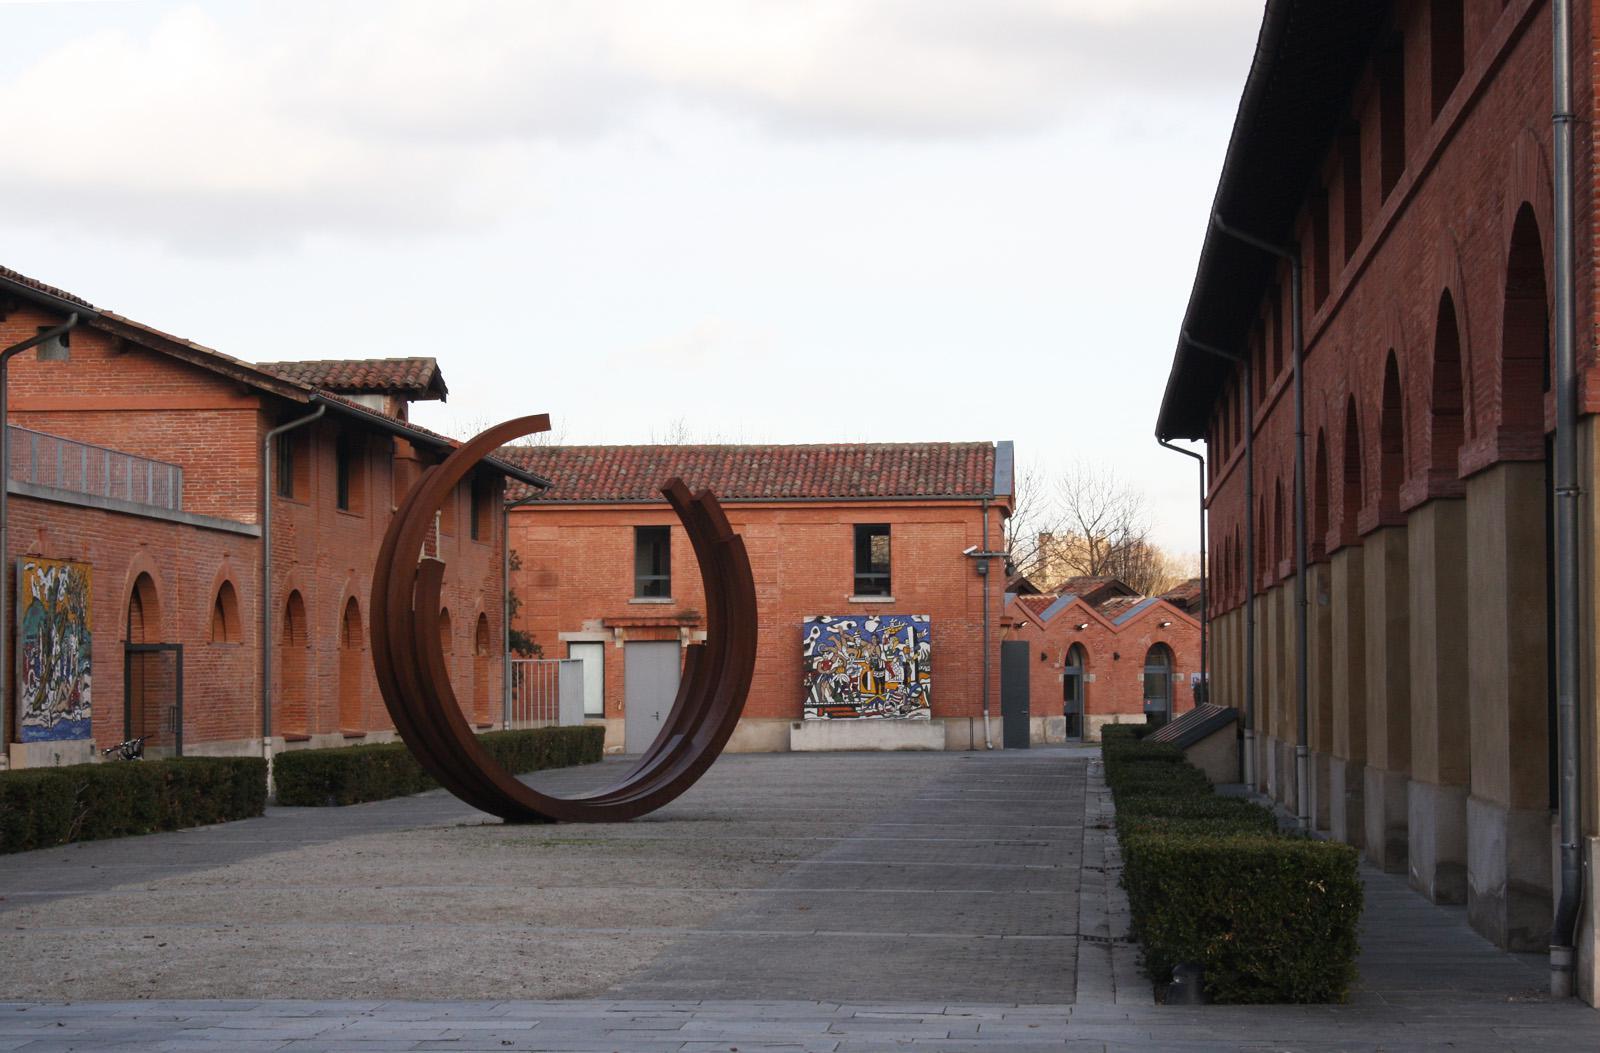 Image : Les Abattoirs, Musee D'art Moderne Et Contemporain De Toulouse Et Frac Midi Pyrenees